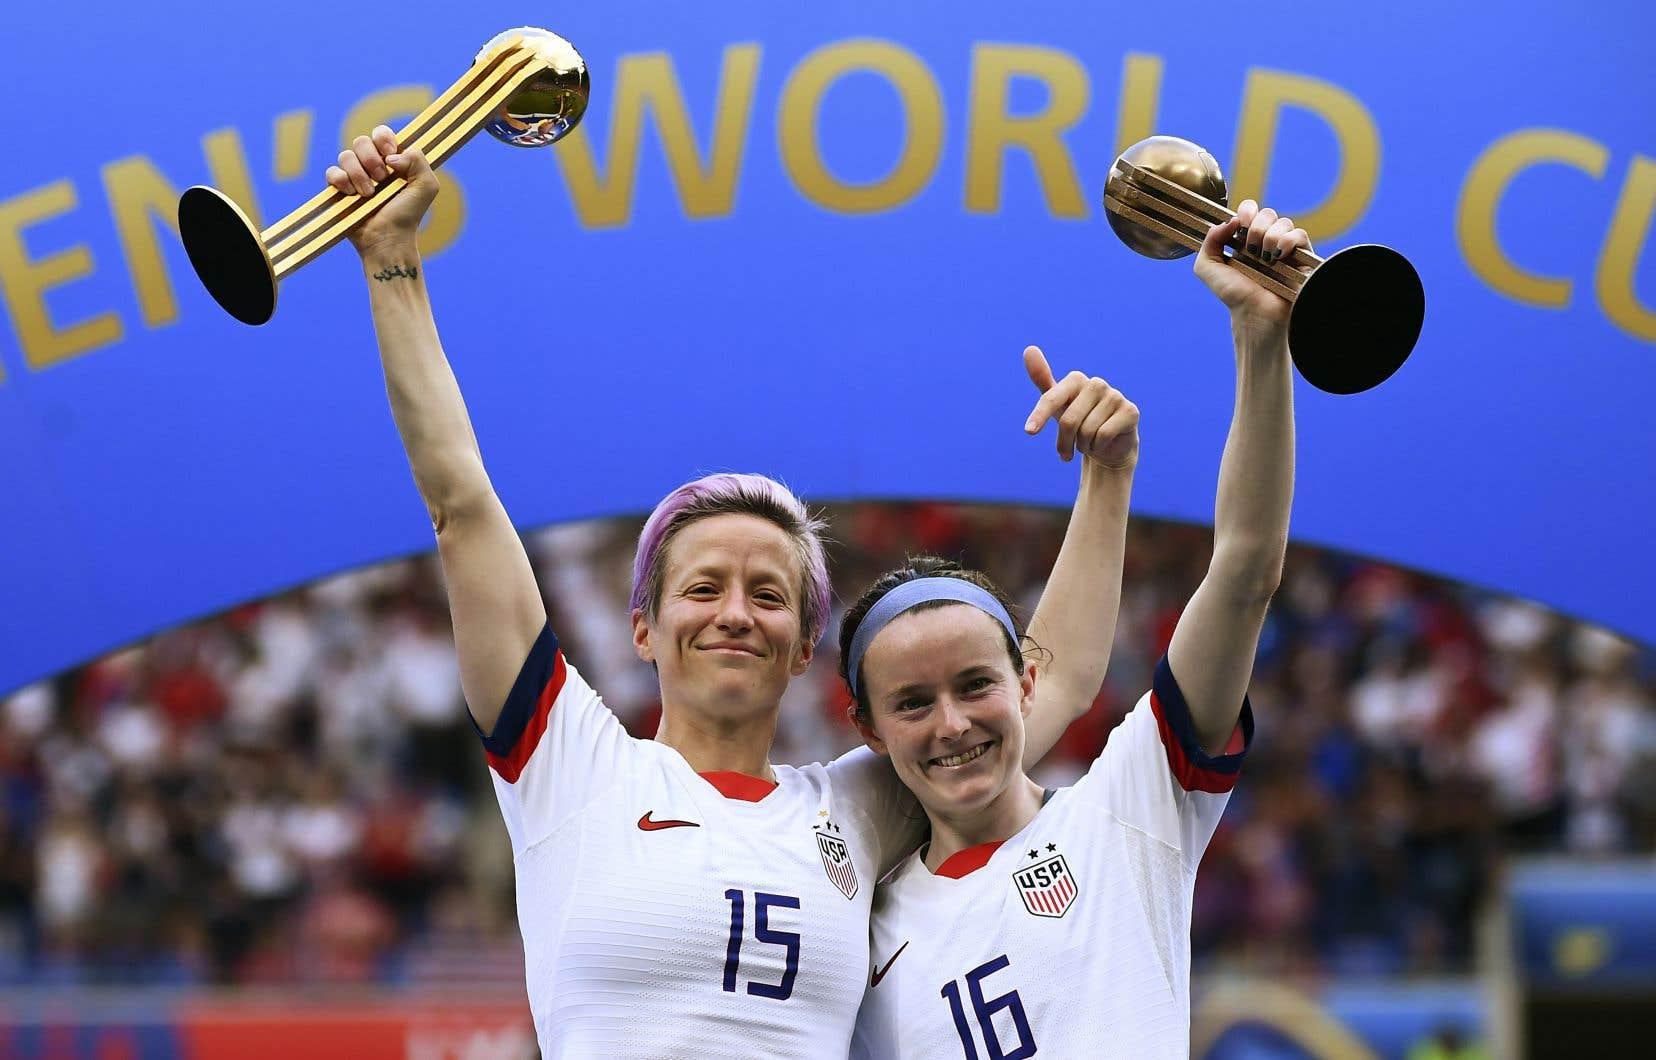 La capitaine de l'équipe américaine, Megan Rapinoe (à gauche), et sa coéquipière Rose Lavelle ont toutes deux marqué un but dans la victoire.